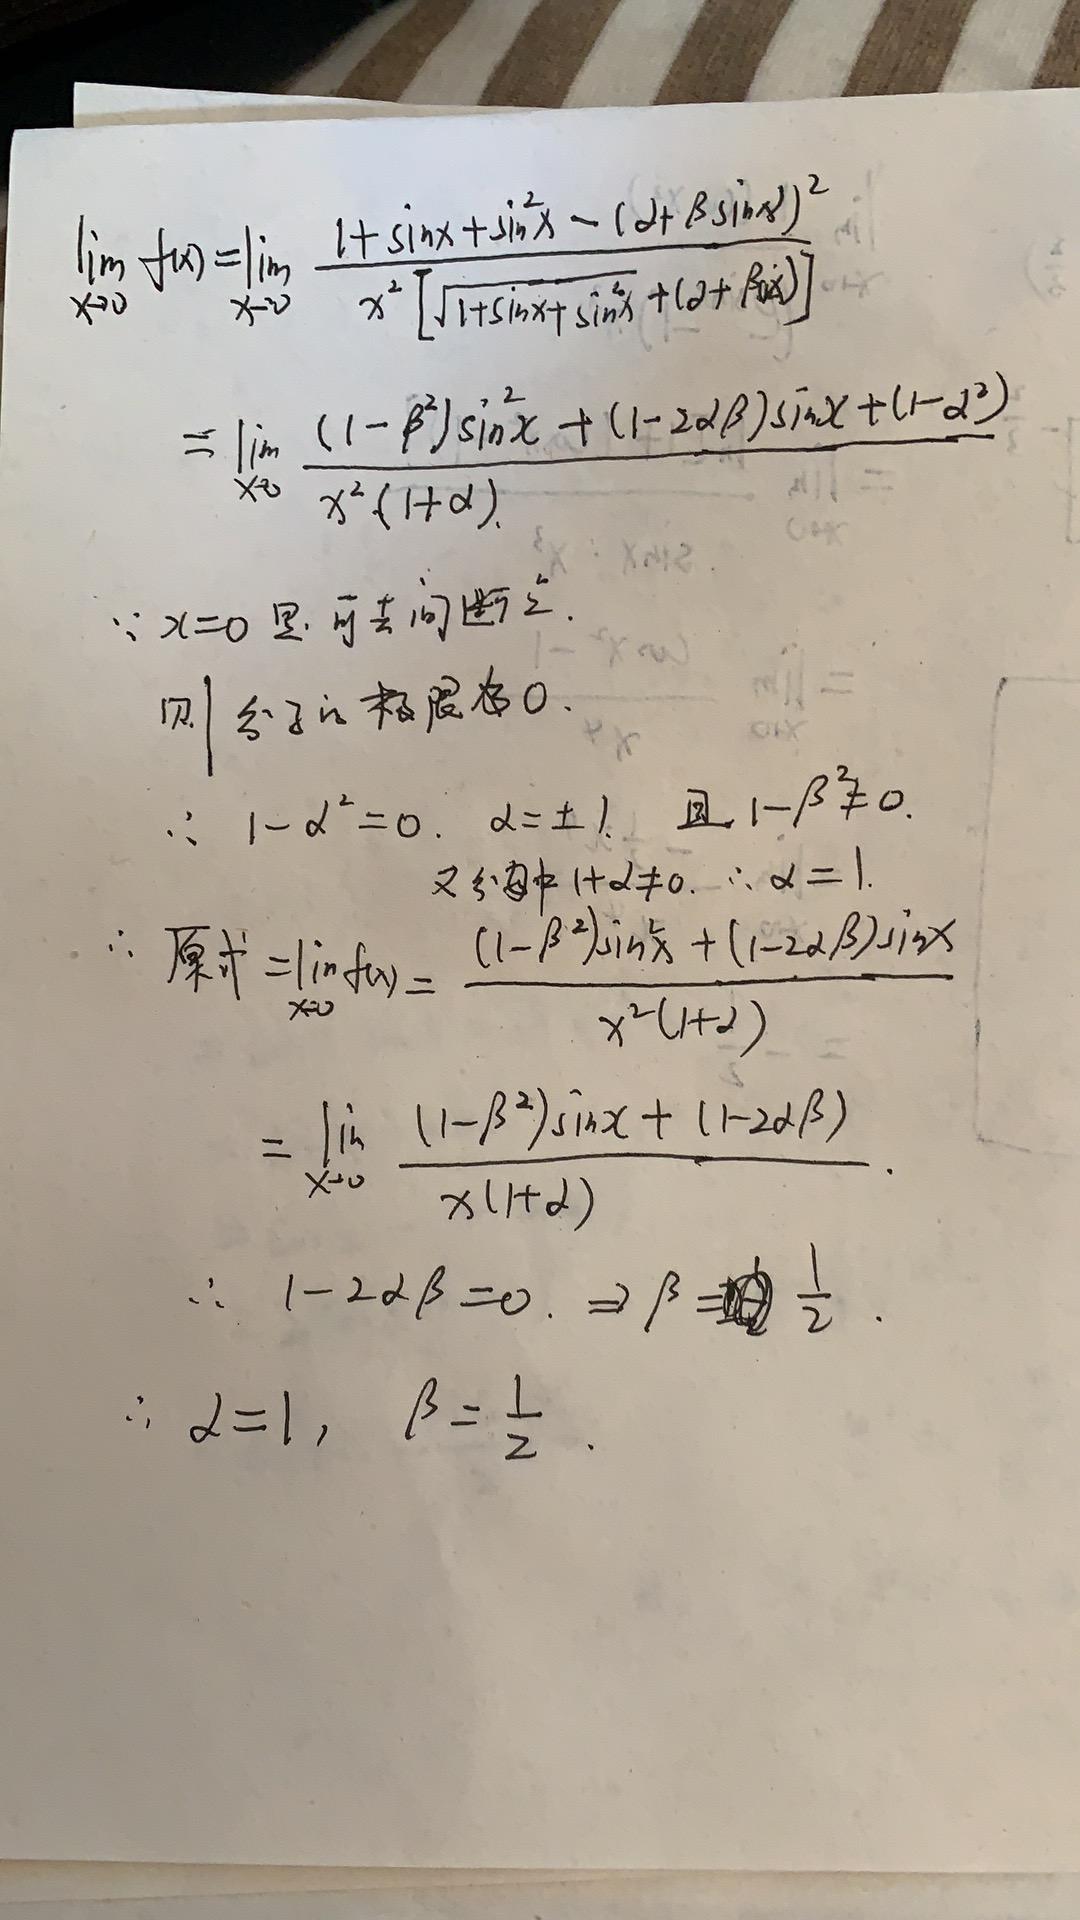 设f(sinx^2)=x/sinx